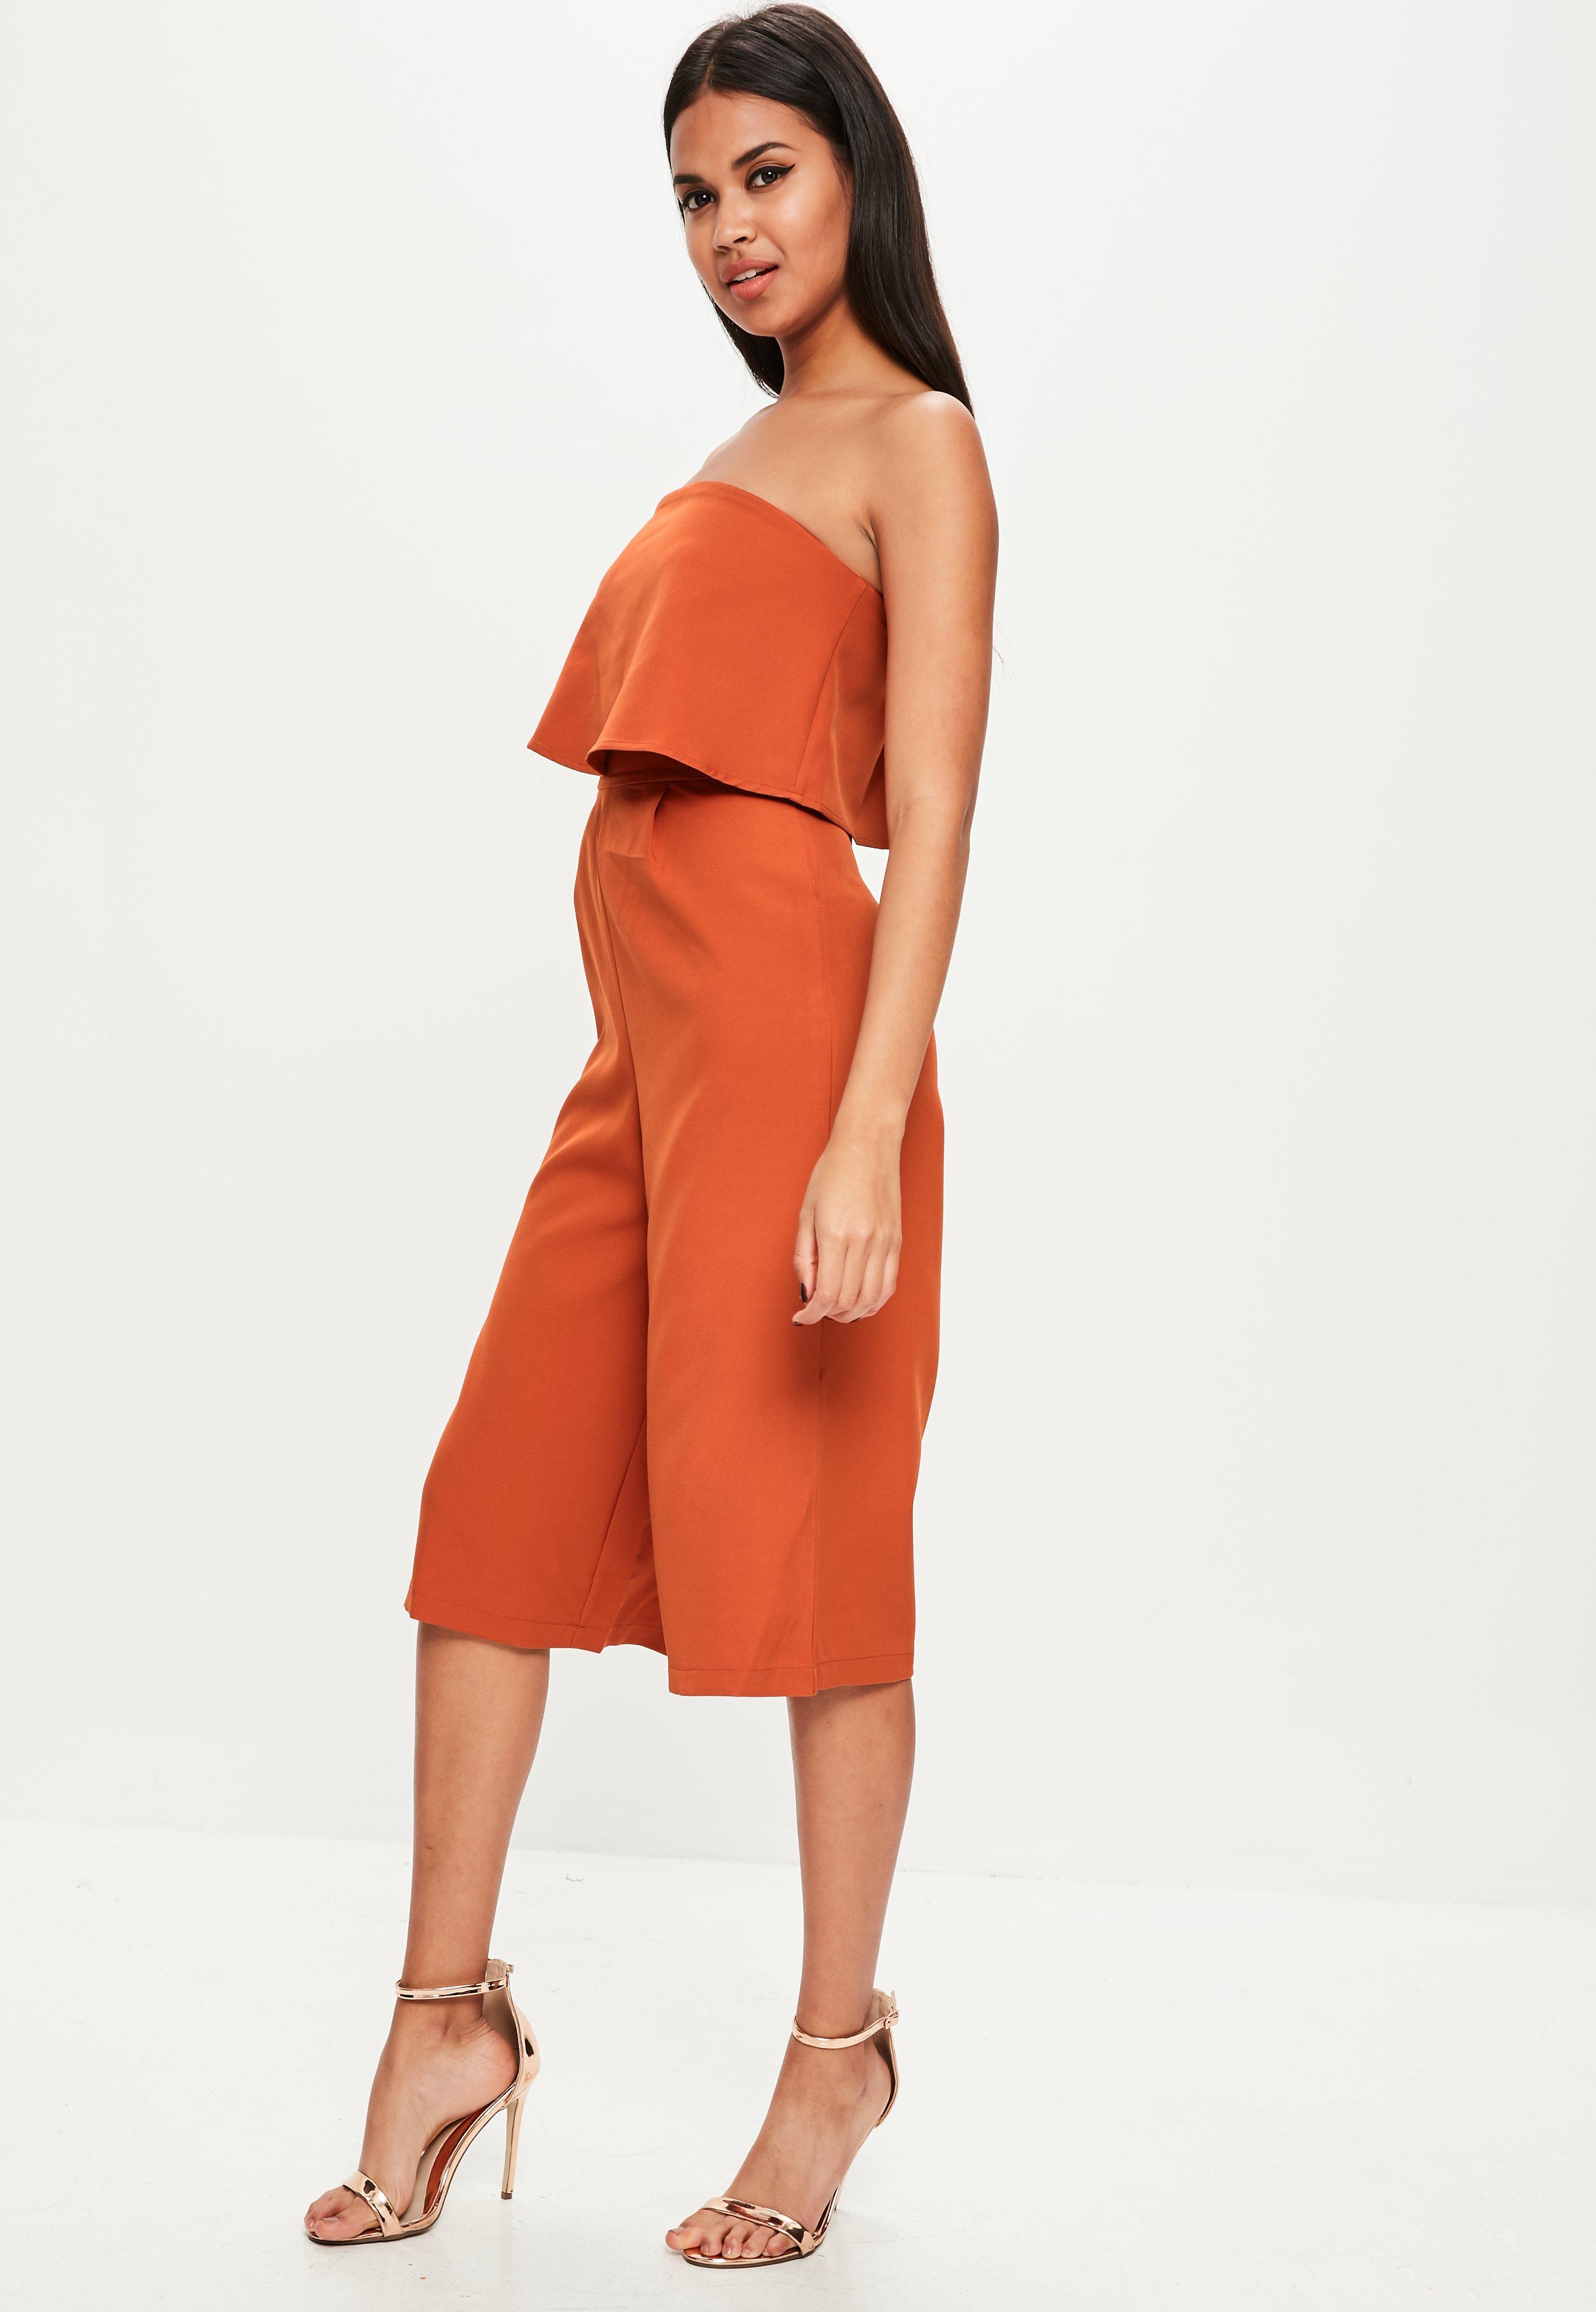 e680e2f0d3c2 Missguided Orange Layered Culottes Jumpsuit in Orange - Lyst